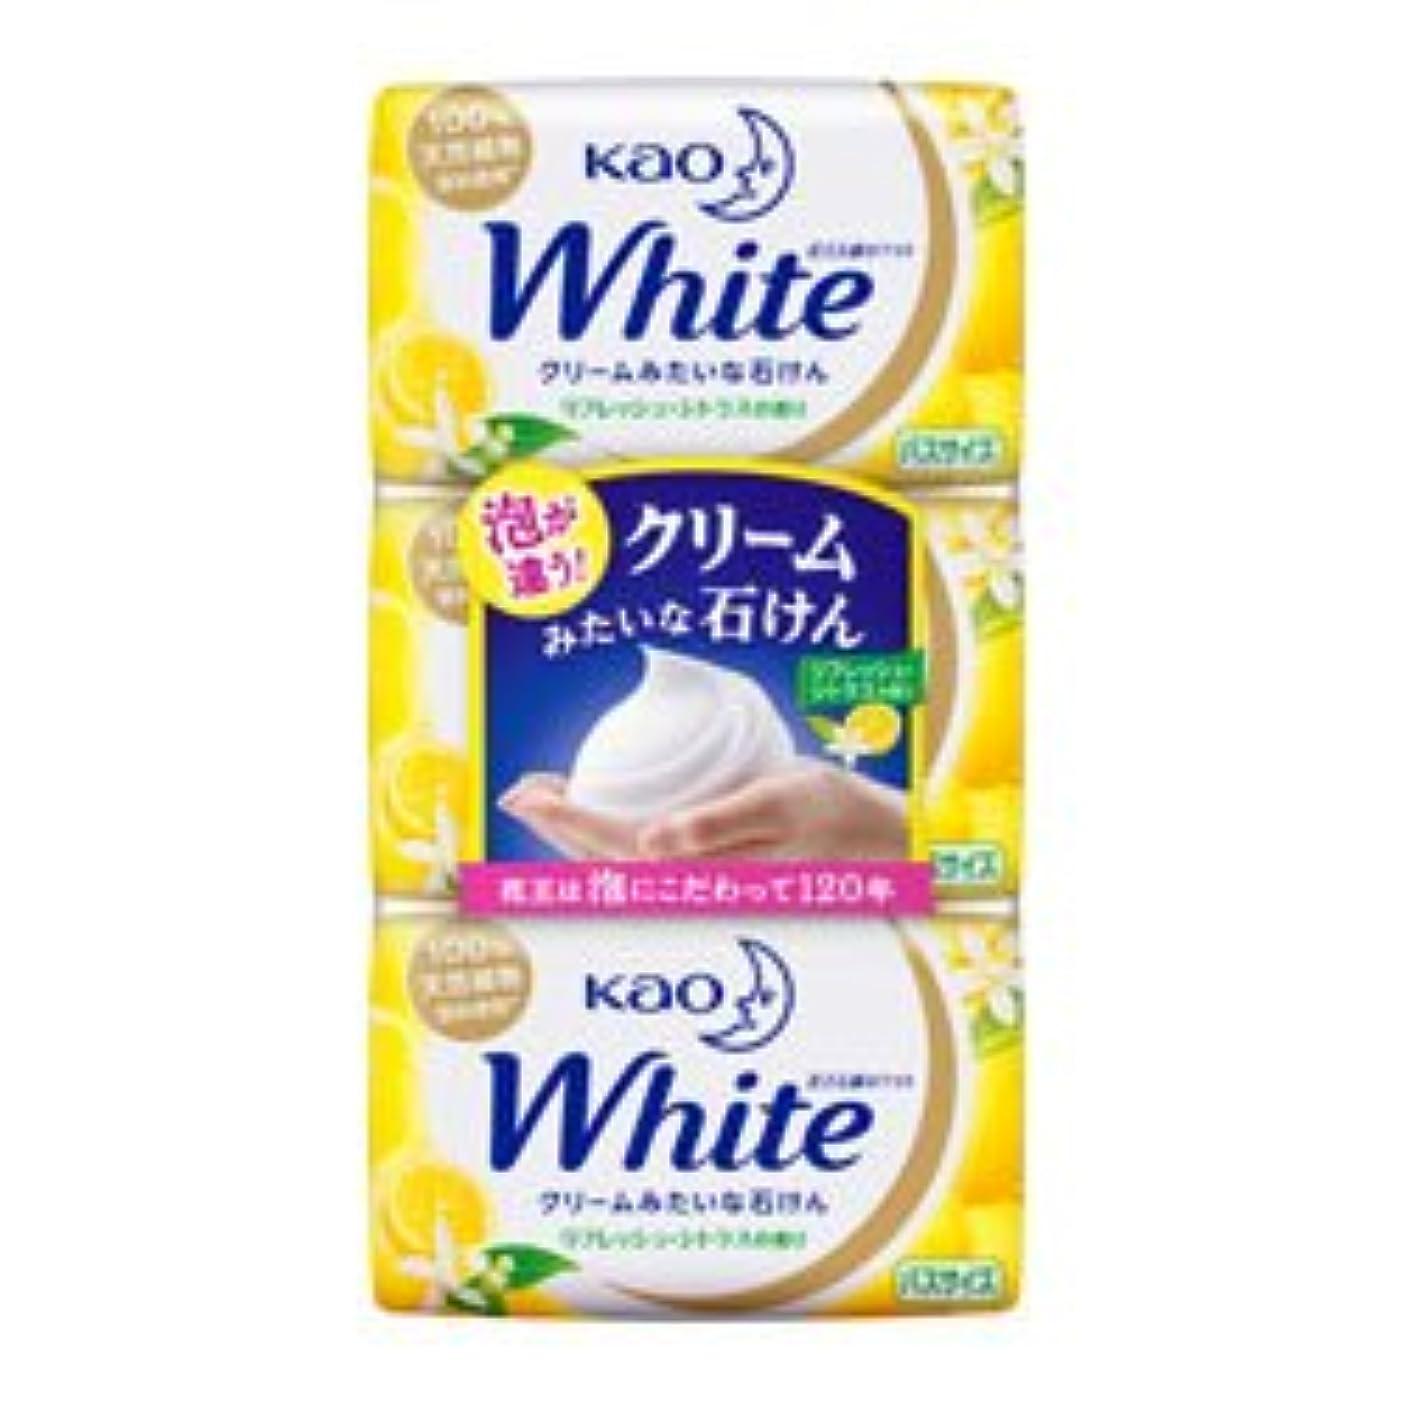 森林処理初期【花王】ホワイト リフレッシュ?シトラスの香り バスサイズ 130g×3個入 ×20個セット